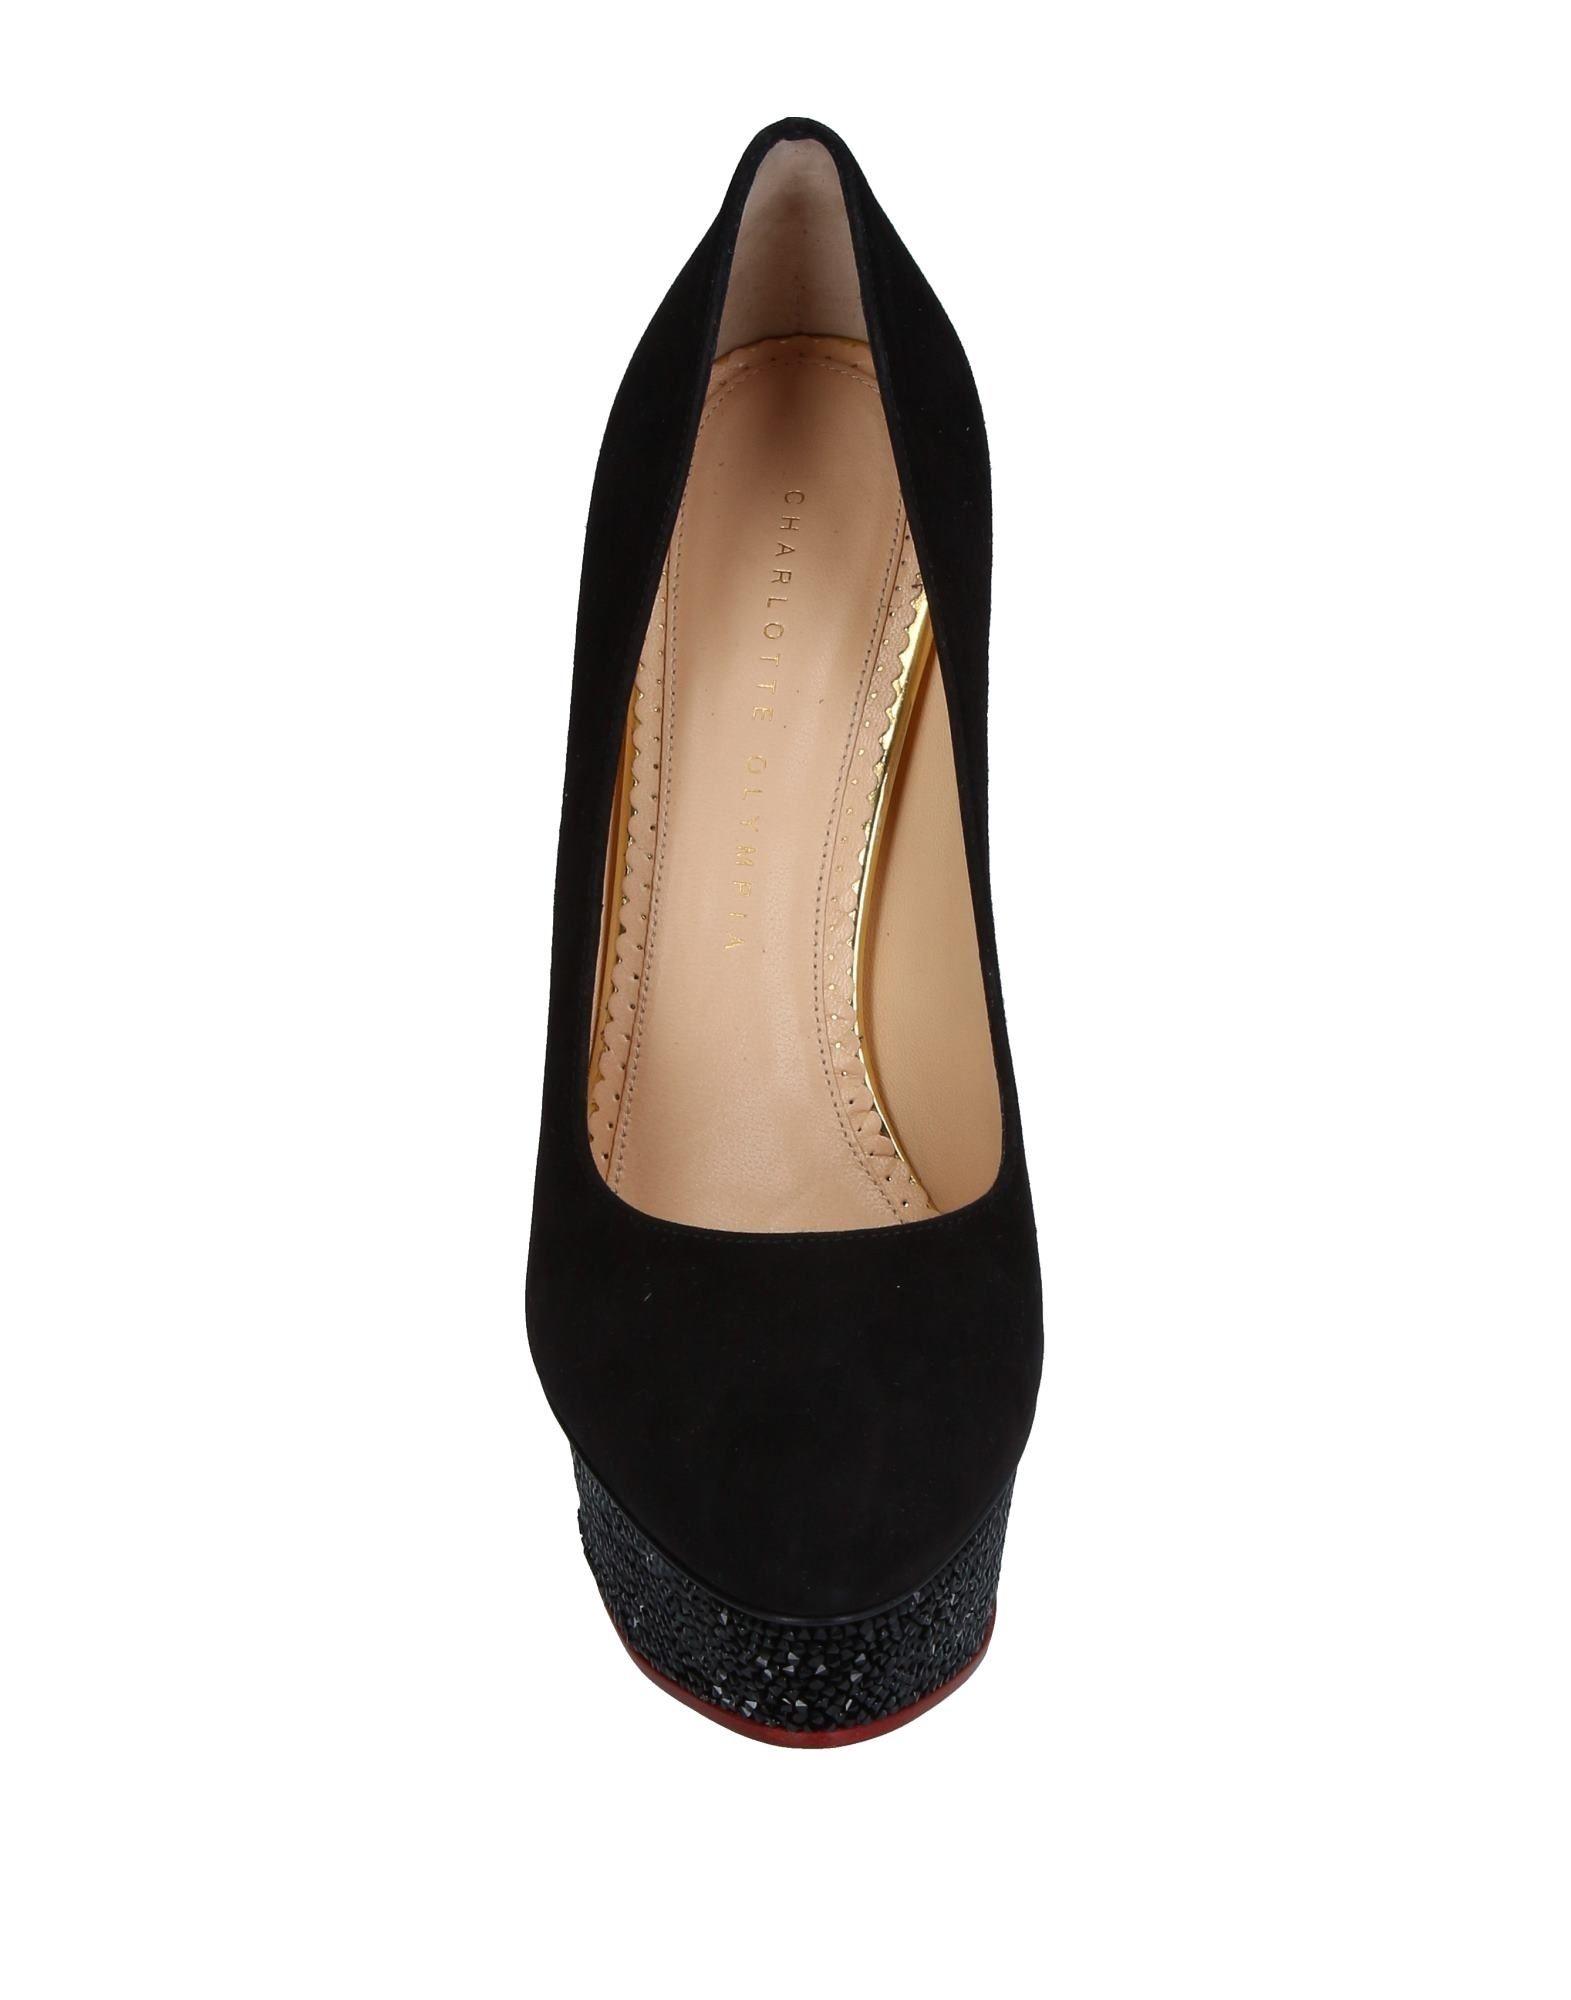 Charlotte Olympia Pumps Damen aussehende  11275551PAGünstige gut aussehende Damen Schuhe 19ee66